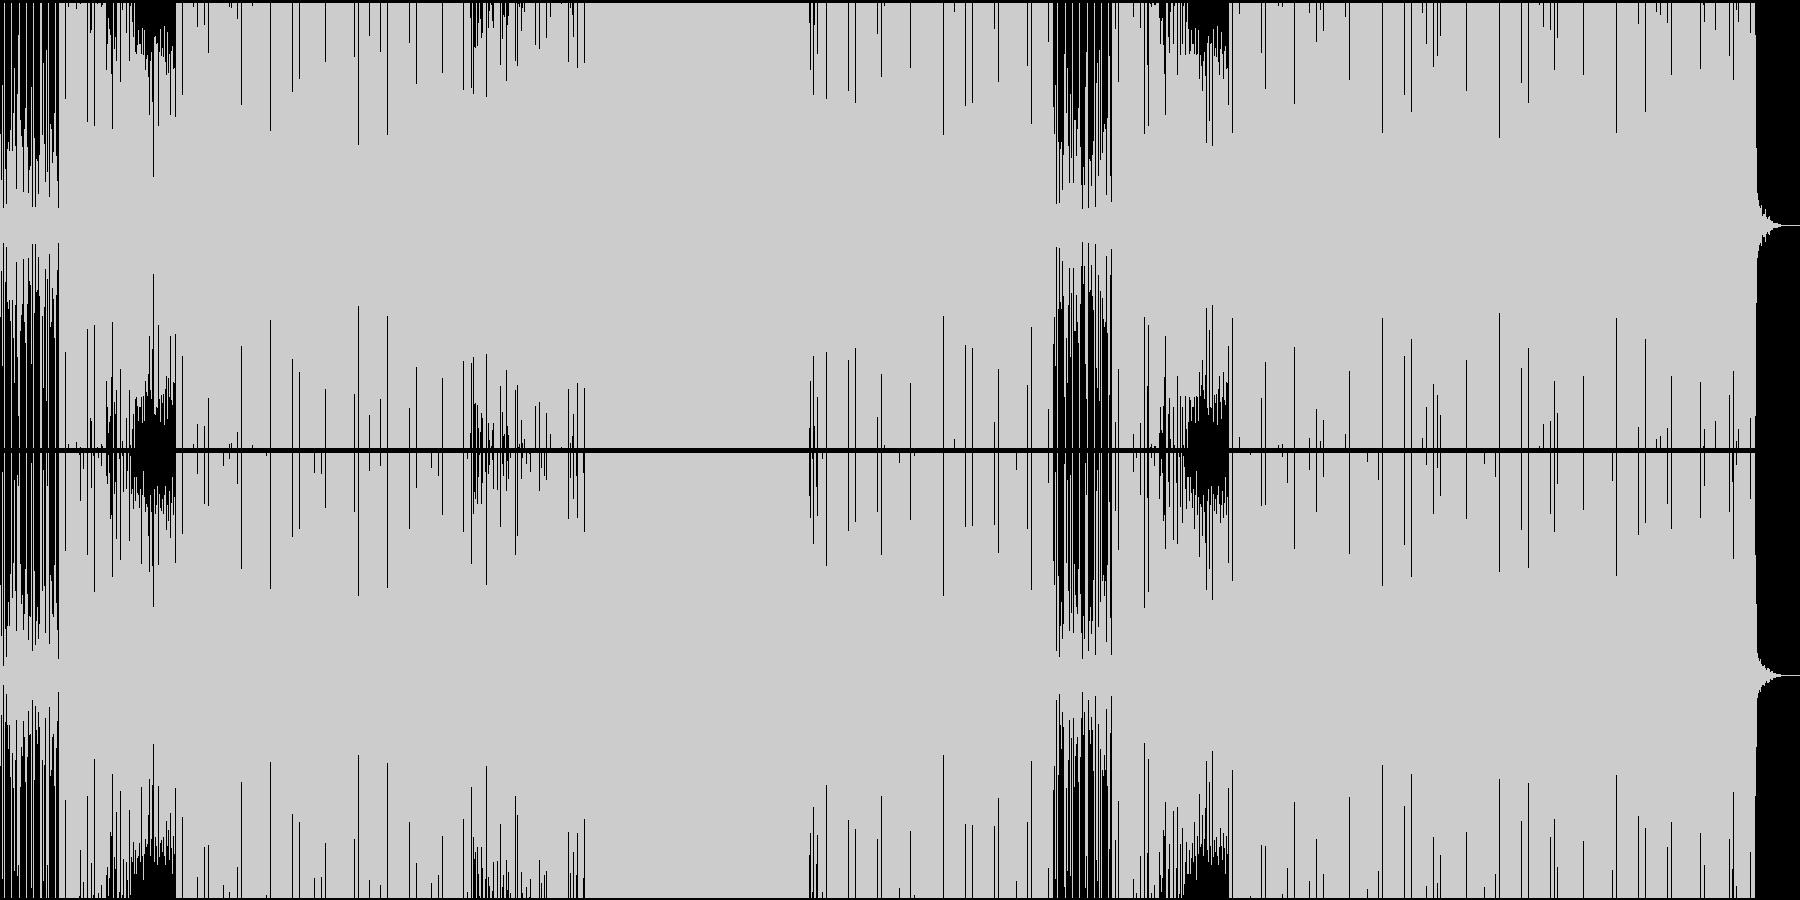 スパイ映画系ワクワクするEDMの未再生の波形